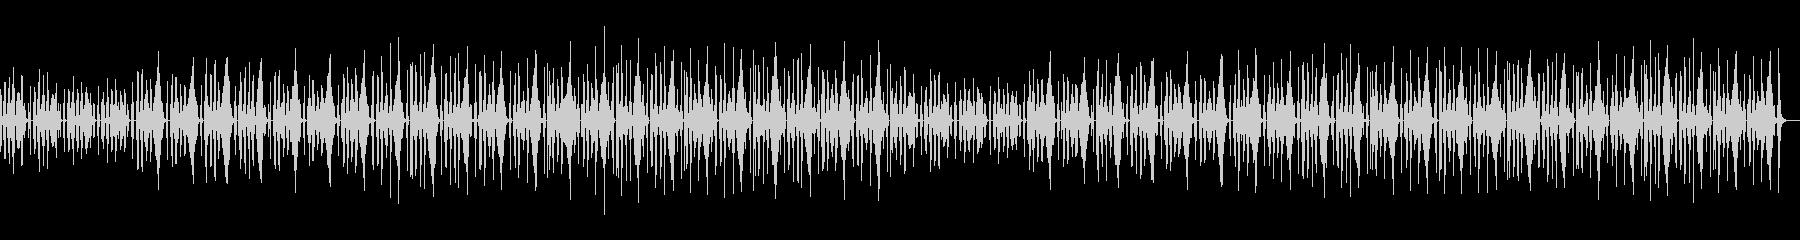 おどけたような、かわいいコミカルなBGMの未再生の波形